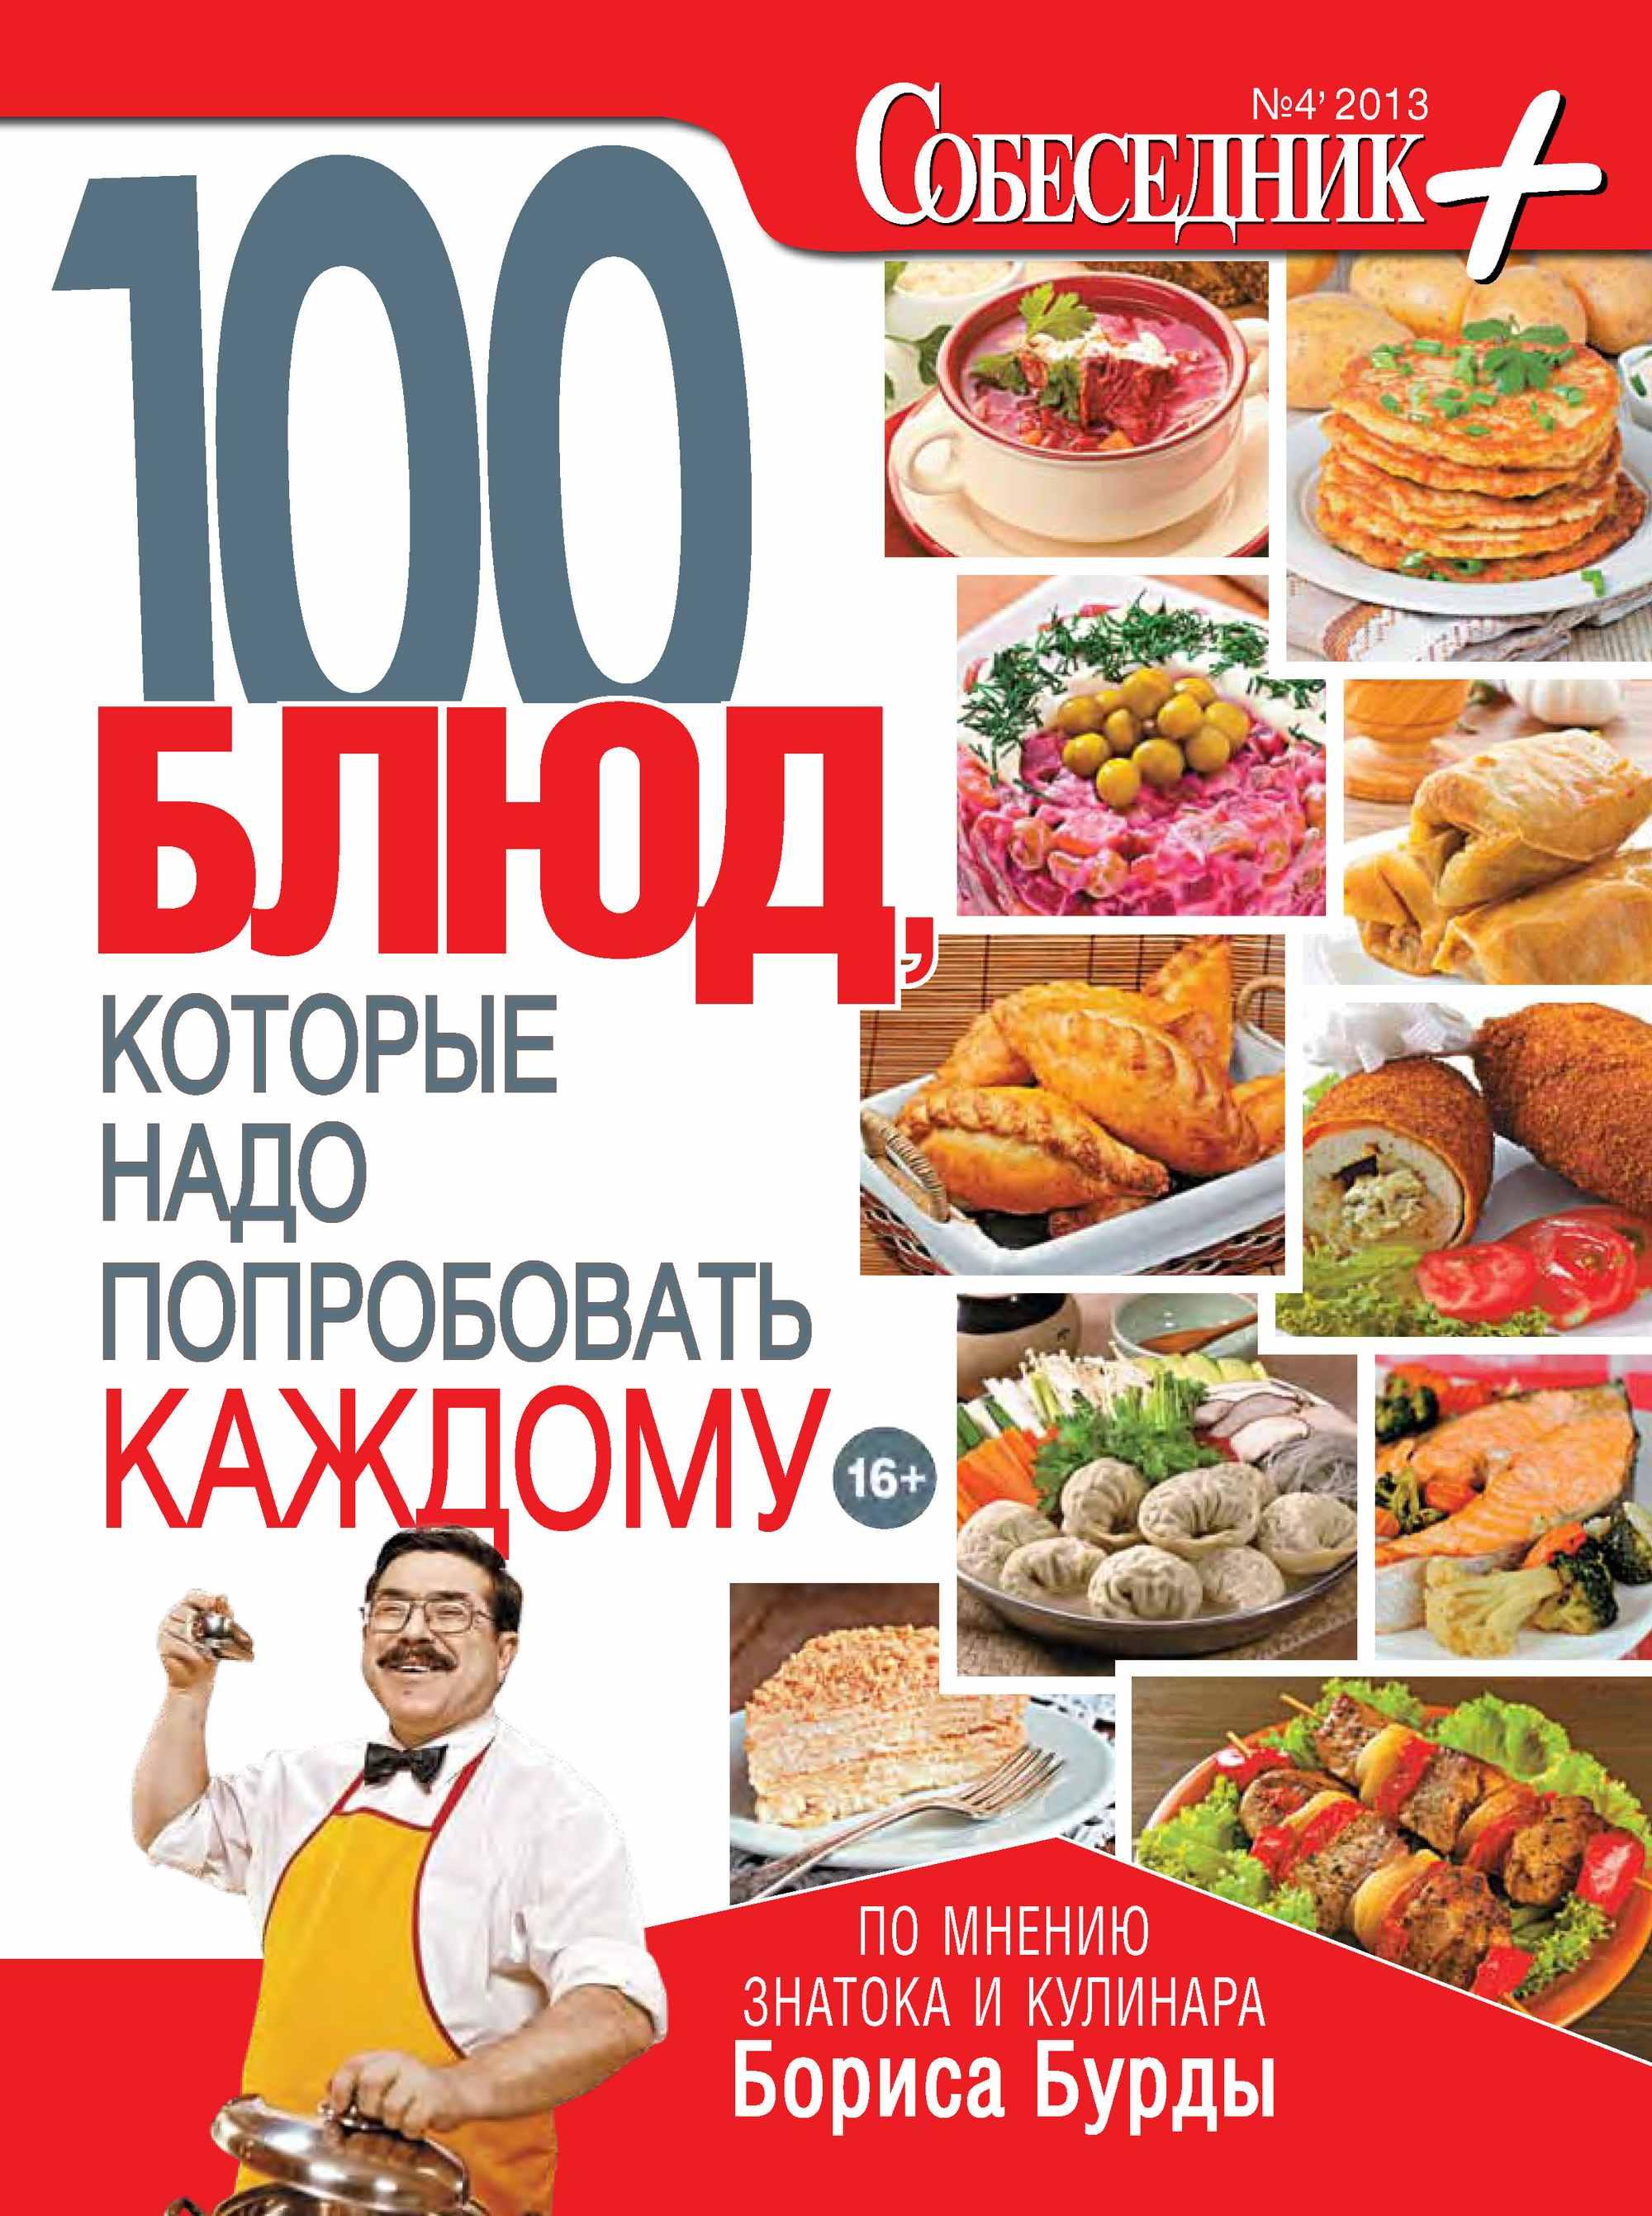 Отсутствует Собеседник плюс №04/2013. 100 блюд, которые надо попробовать каждому отсутствует собеседник плюс 05 2013 100 изобретений которые повлияли на жизнь каждого из нас